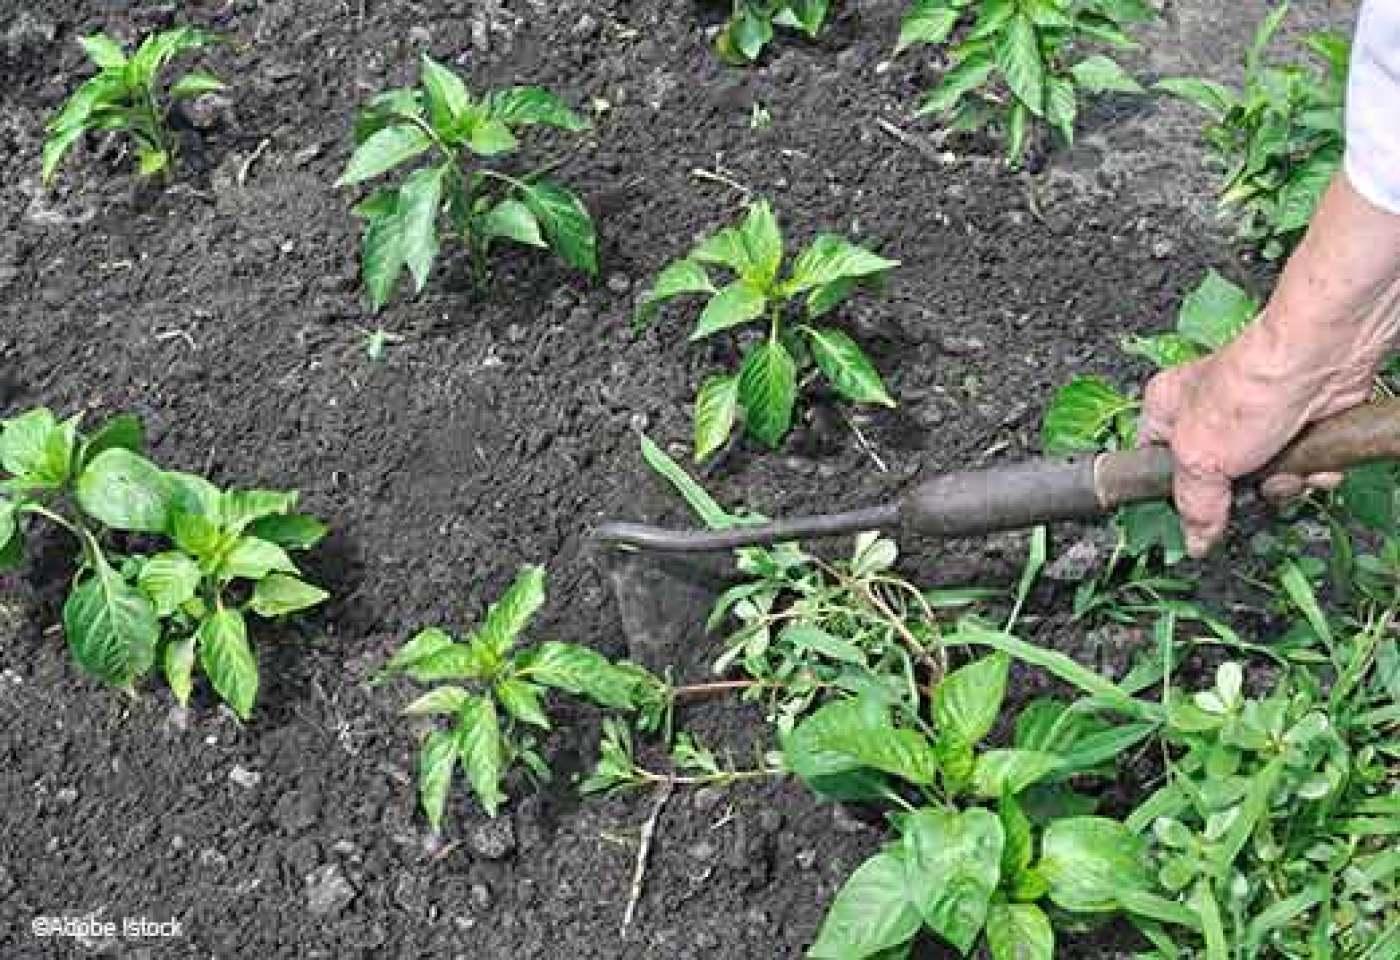 Jardin: En Finir Avec Les Mauvaises Herbes! dedans Bache Mauvaise Herbe Jardin